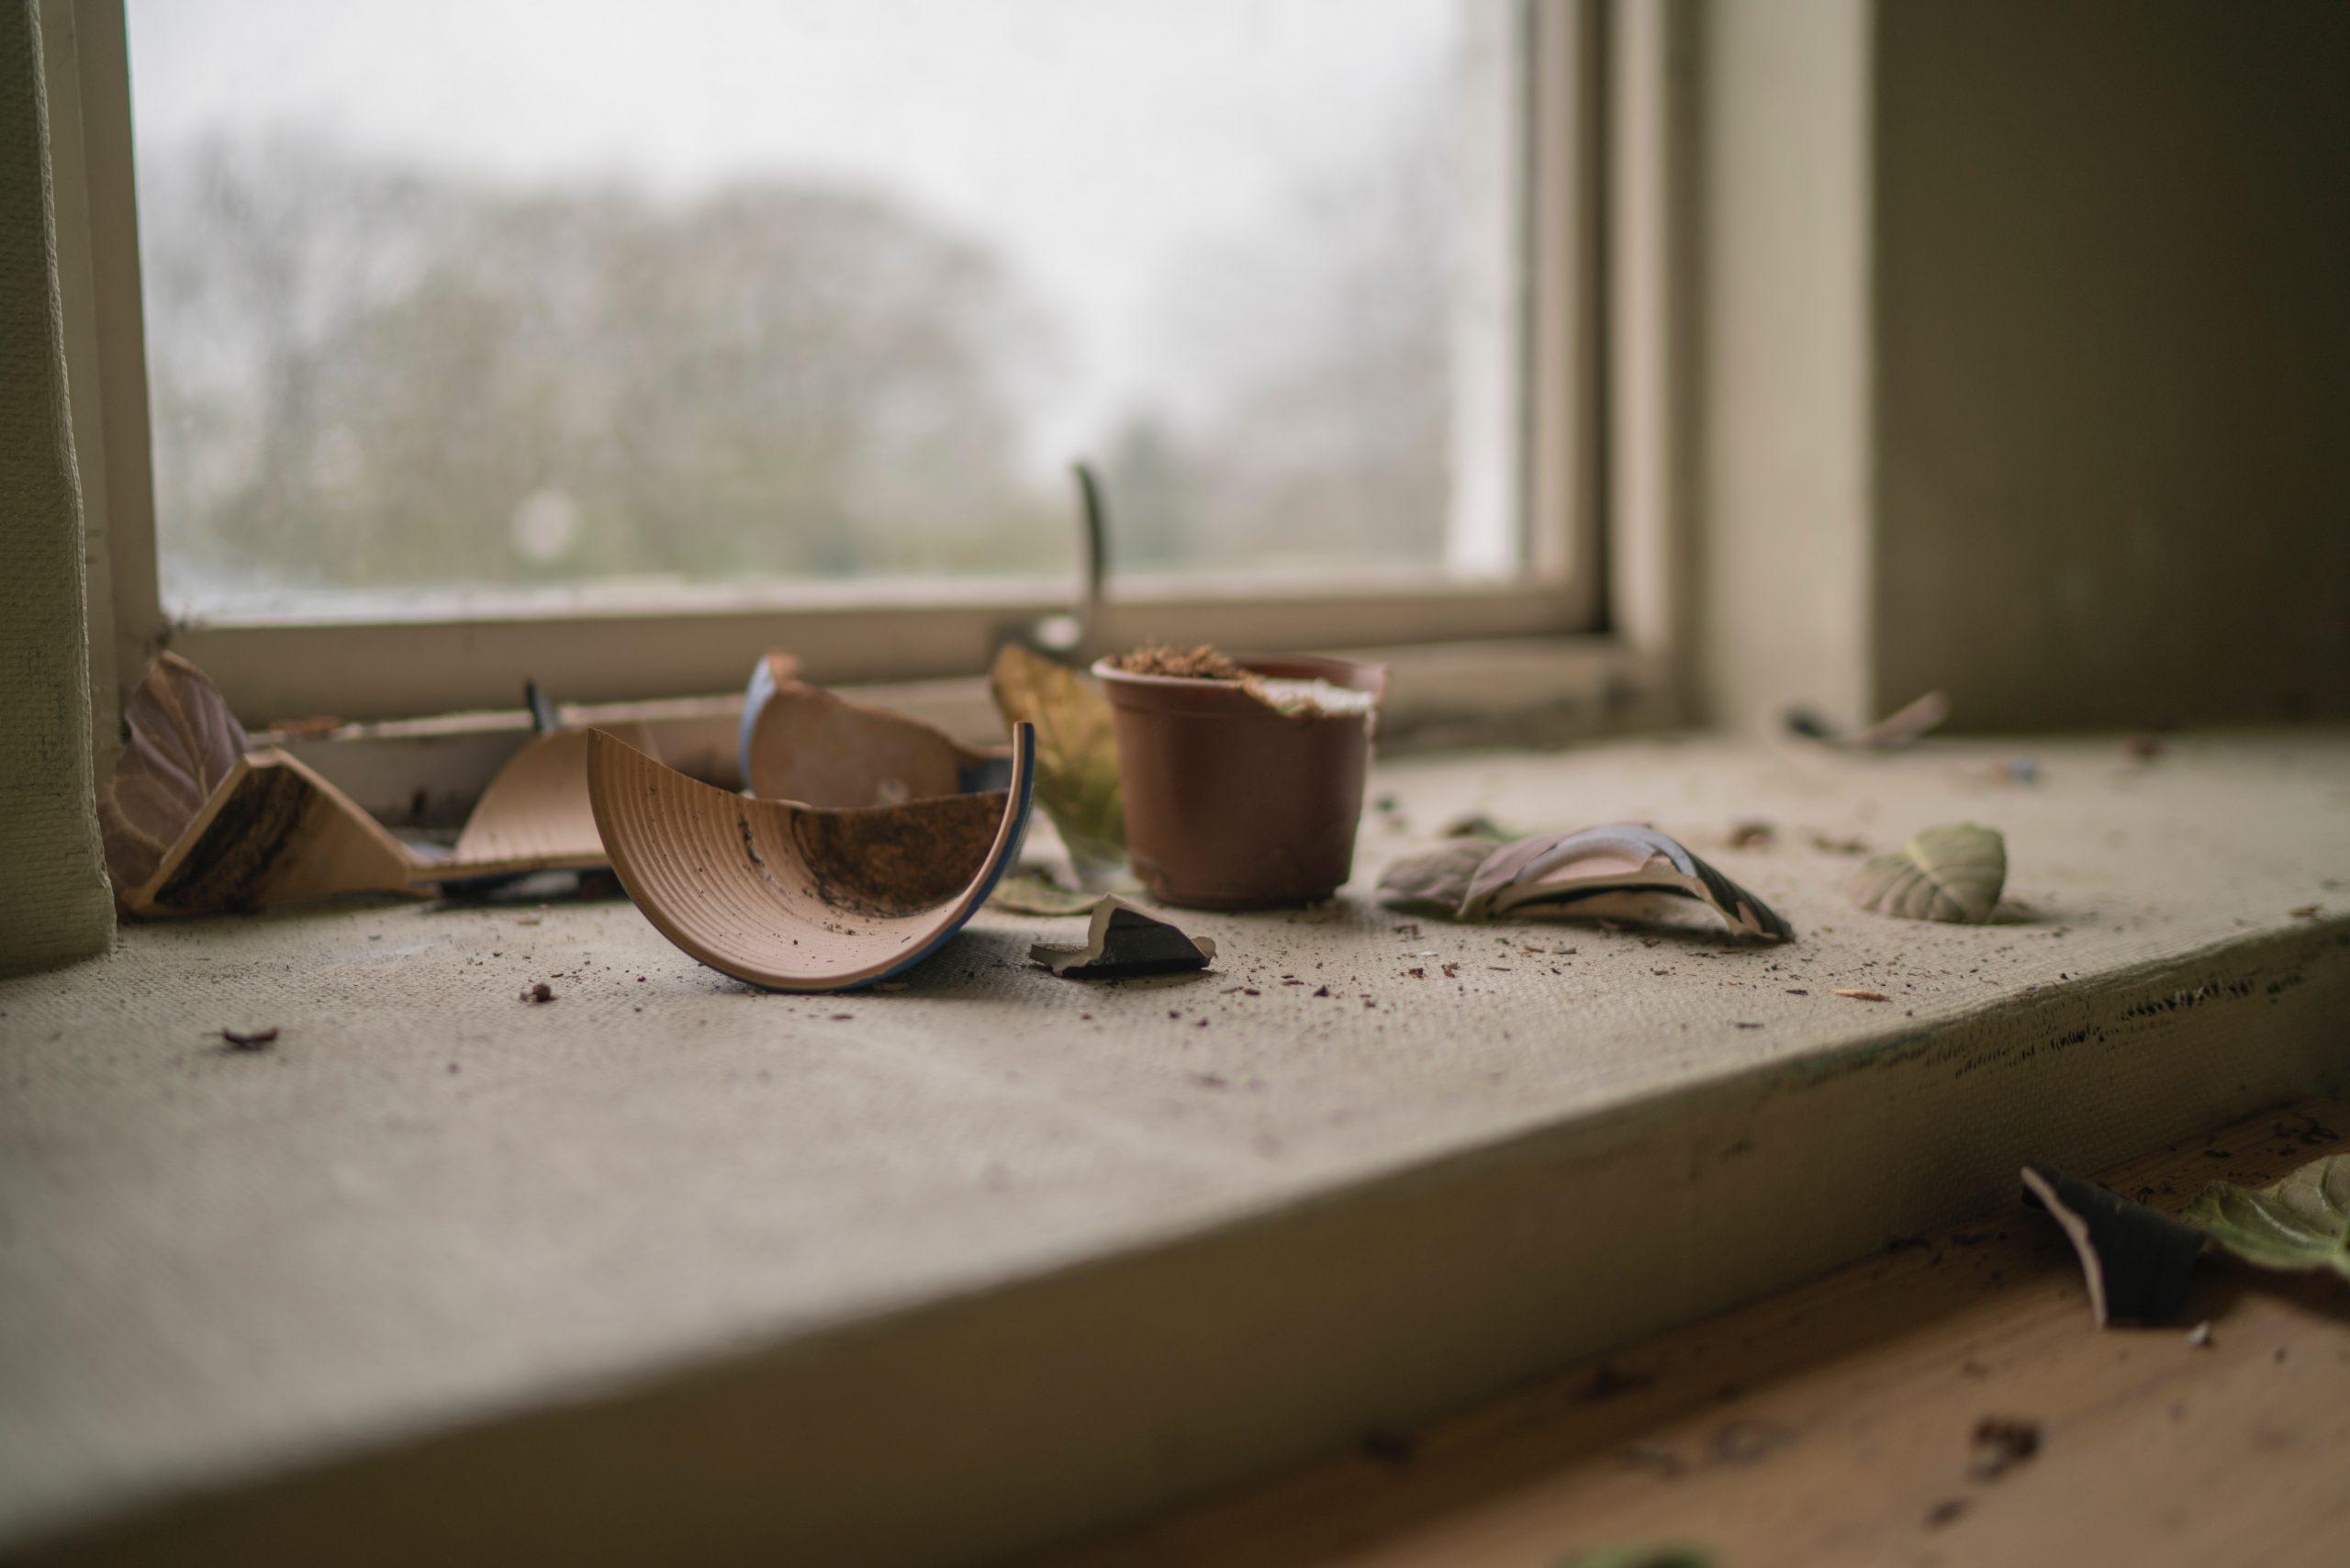 Vase brisé fragile